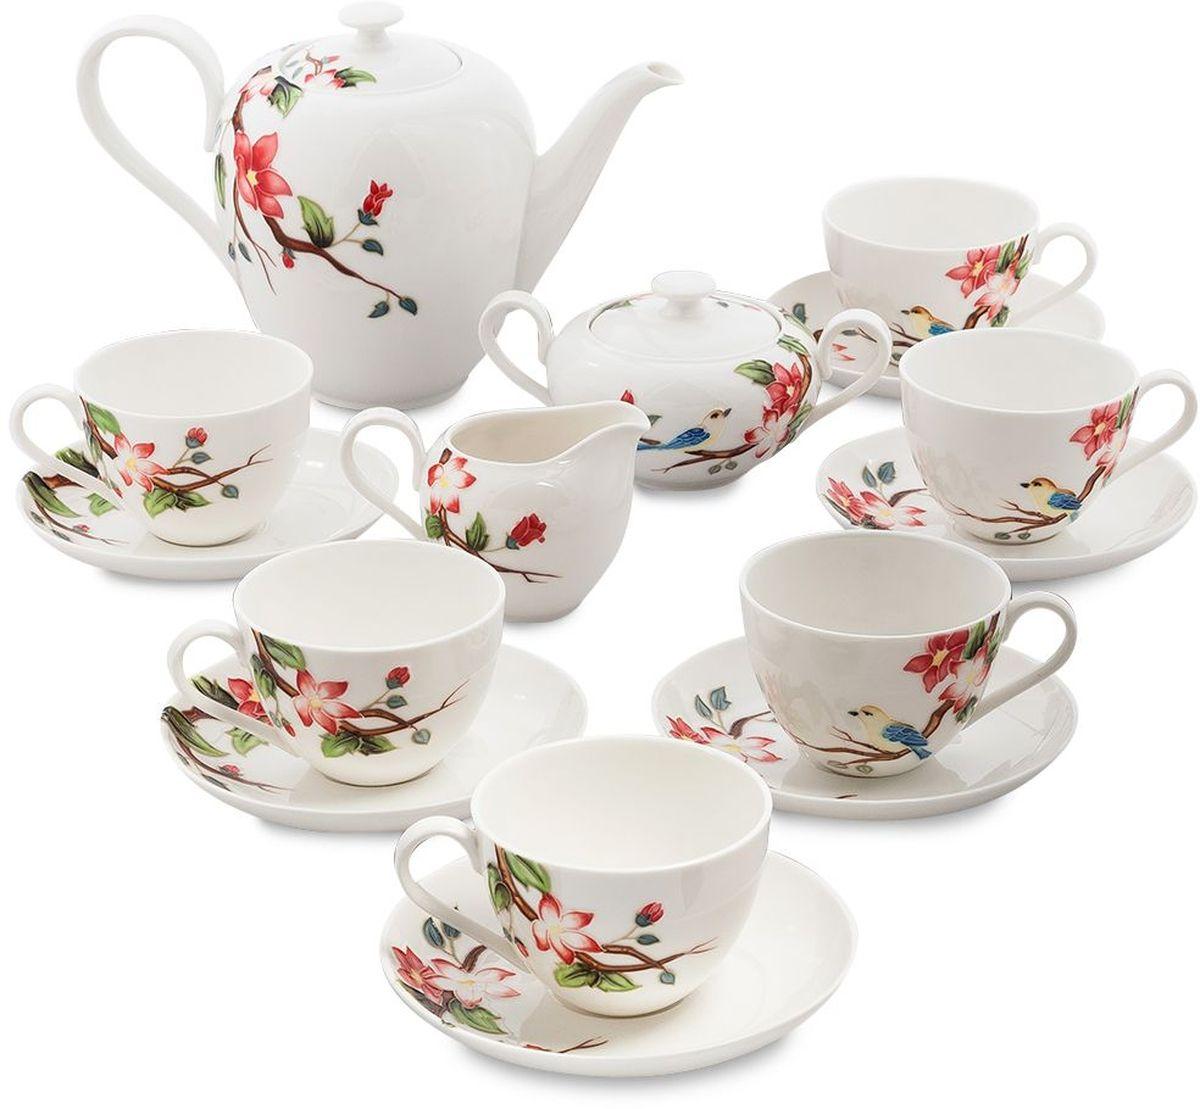 Сервиз чайный Pavone Райская птица, 15 предметов. 451595115510Объем чайника: 1,4 лОбъем сахарницы: 350 мл Объем молочника: 200 мл Объем чашки: 250 млДиаметр блюдца: 15 см.